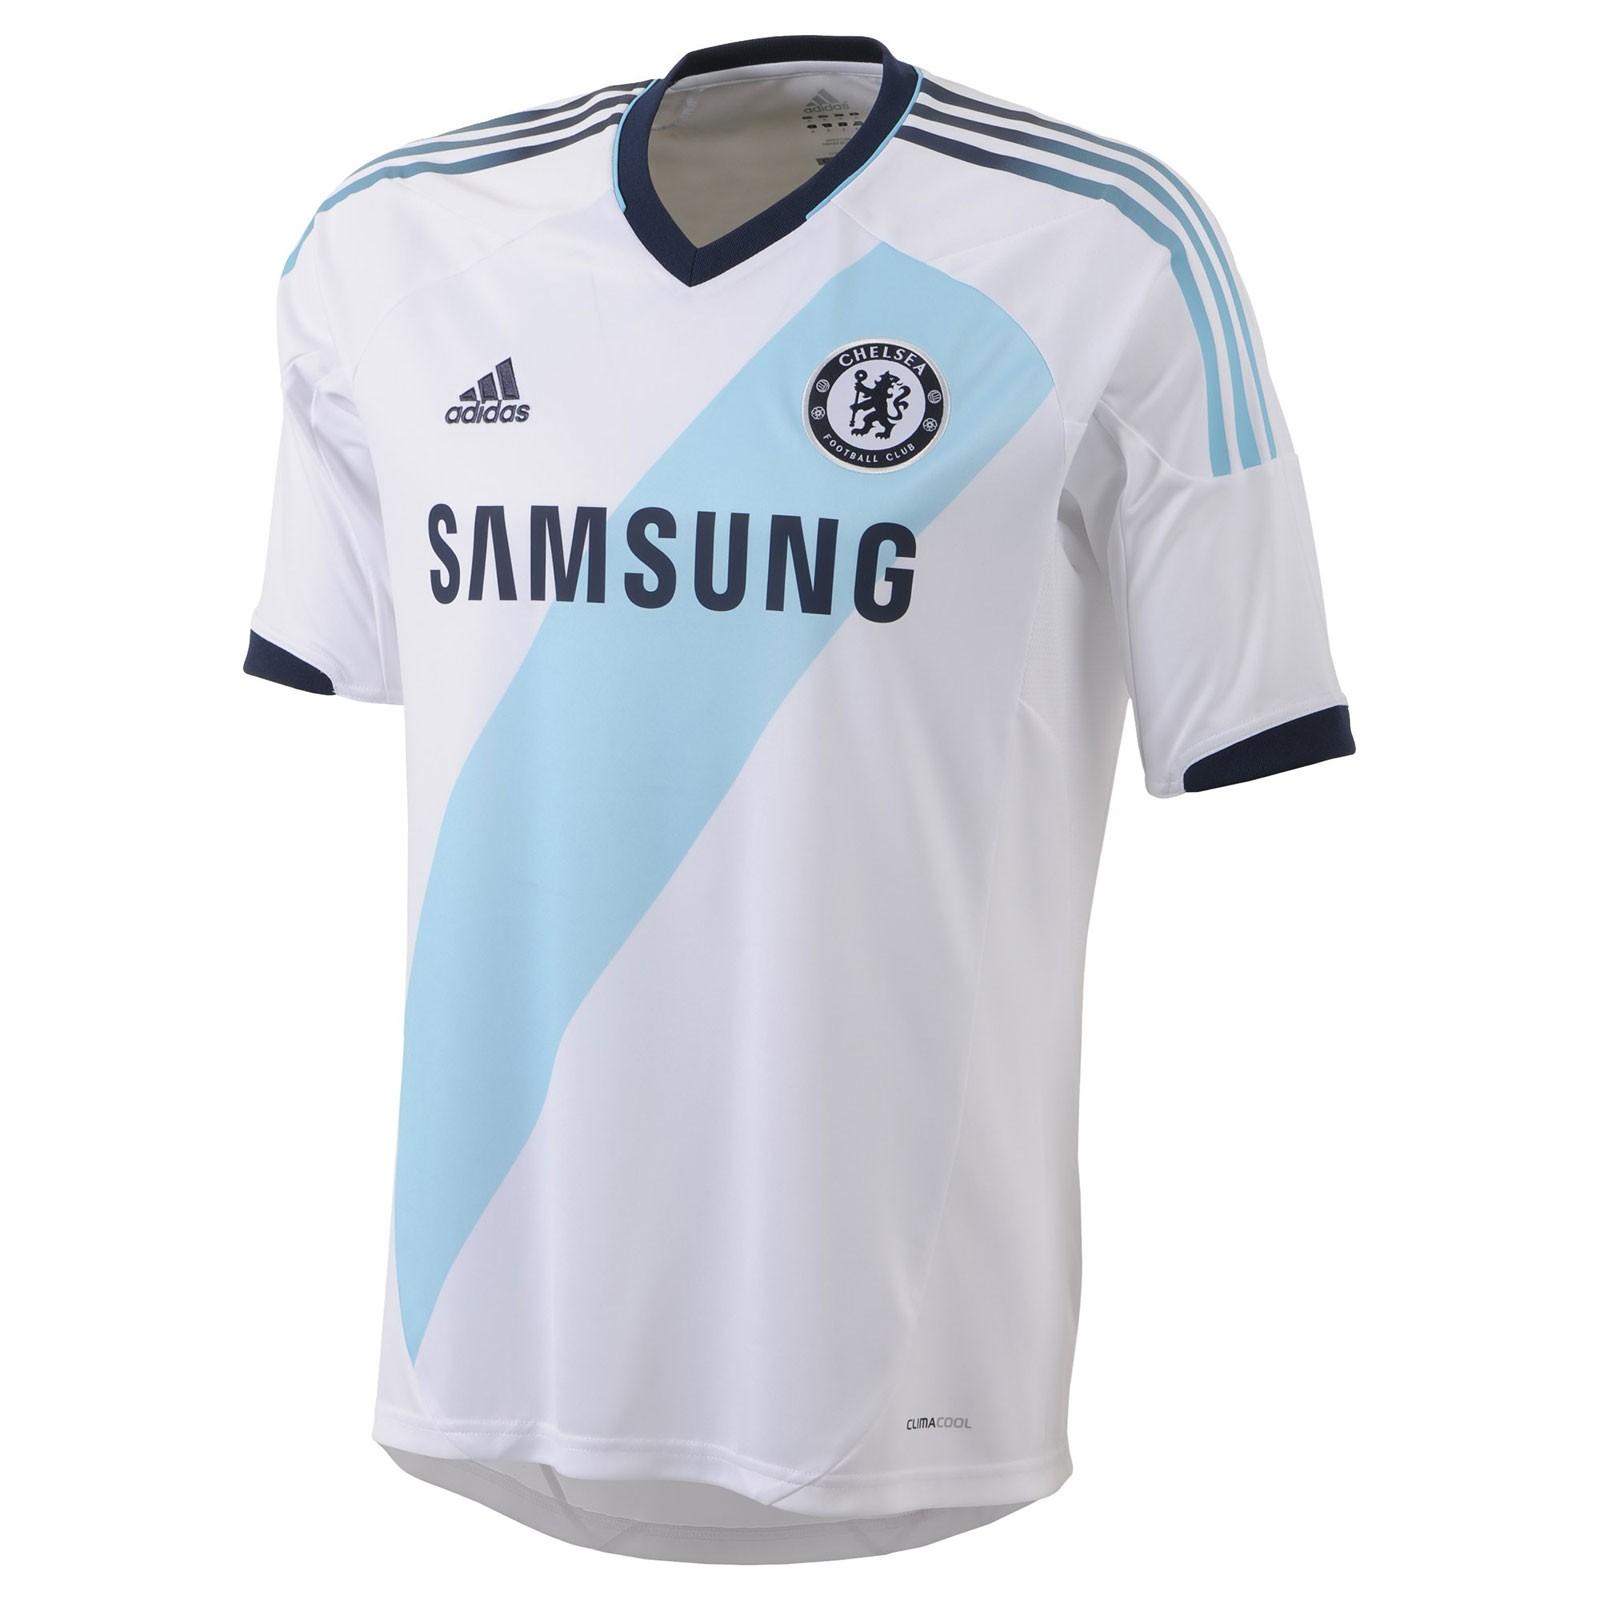 切尔西2012/13赛季球迷版客场球衣